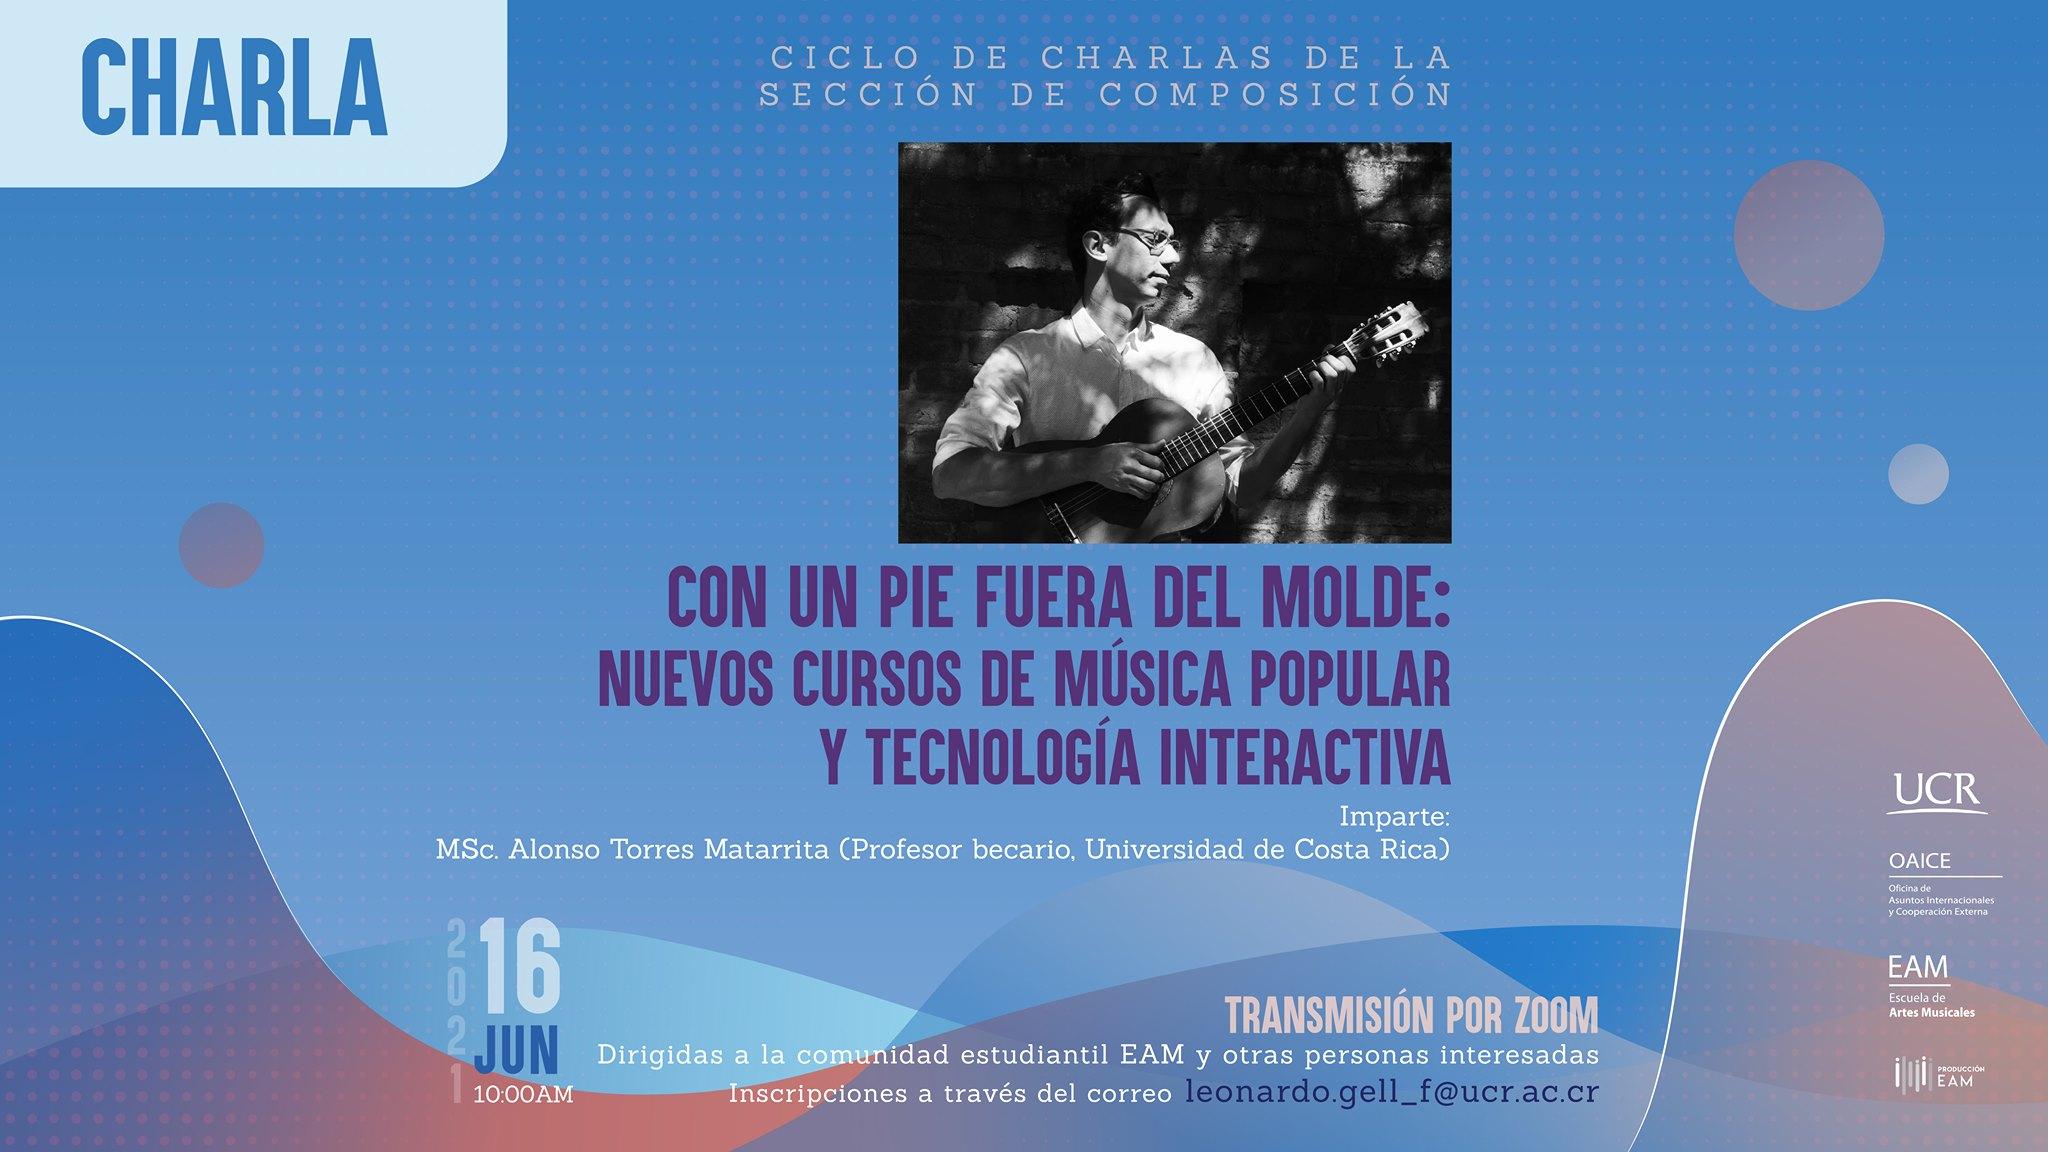 Con un pie fuera del molde: nuevos cursos de música popular y tecnología interactiva